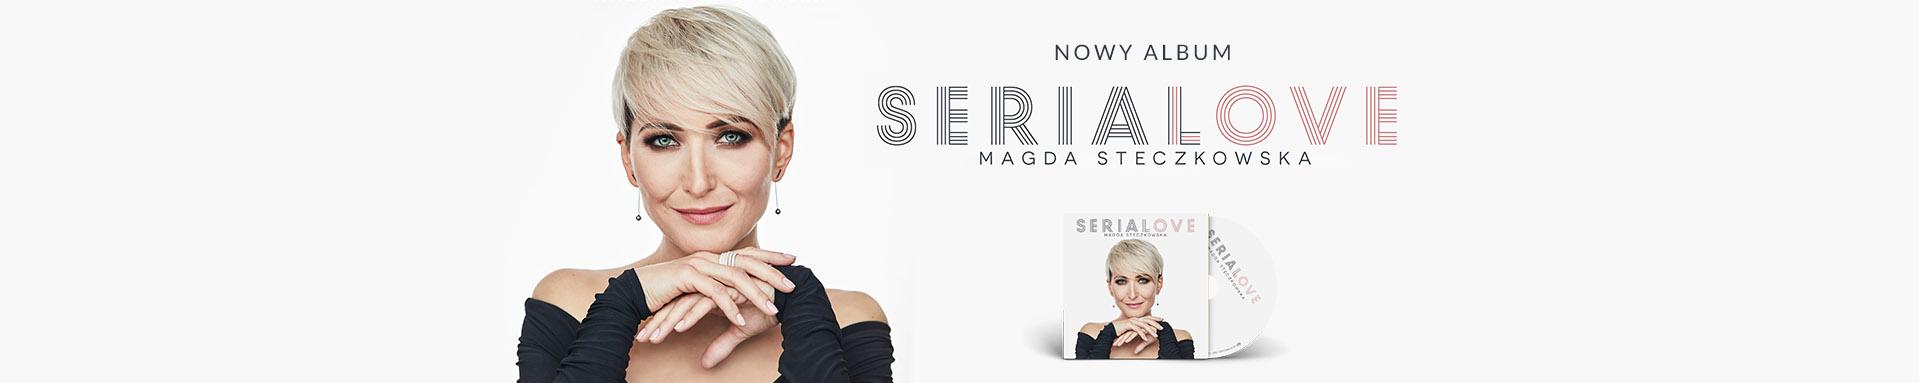 slider_magda_steczkowska